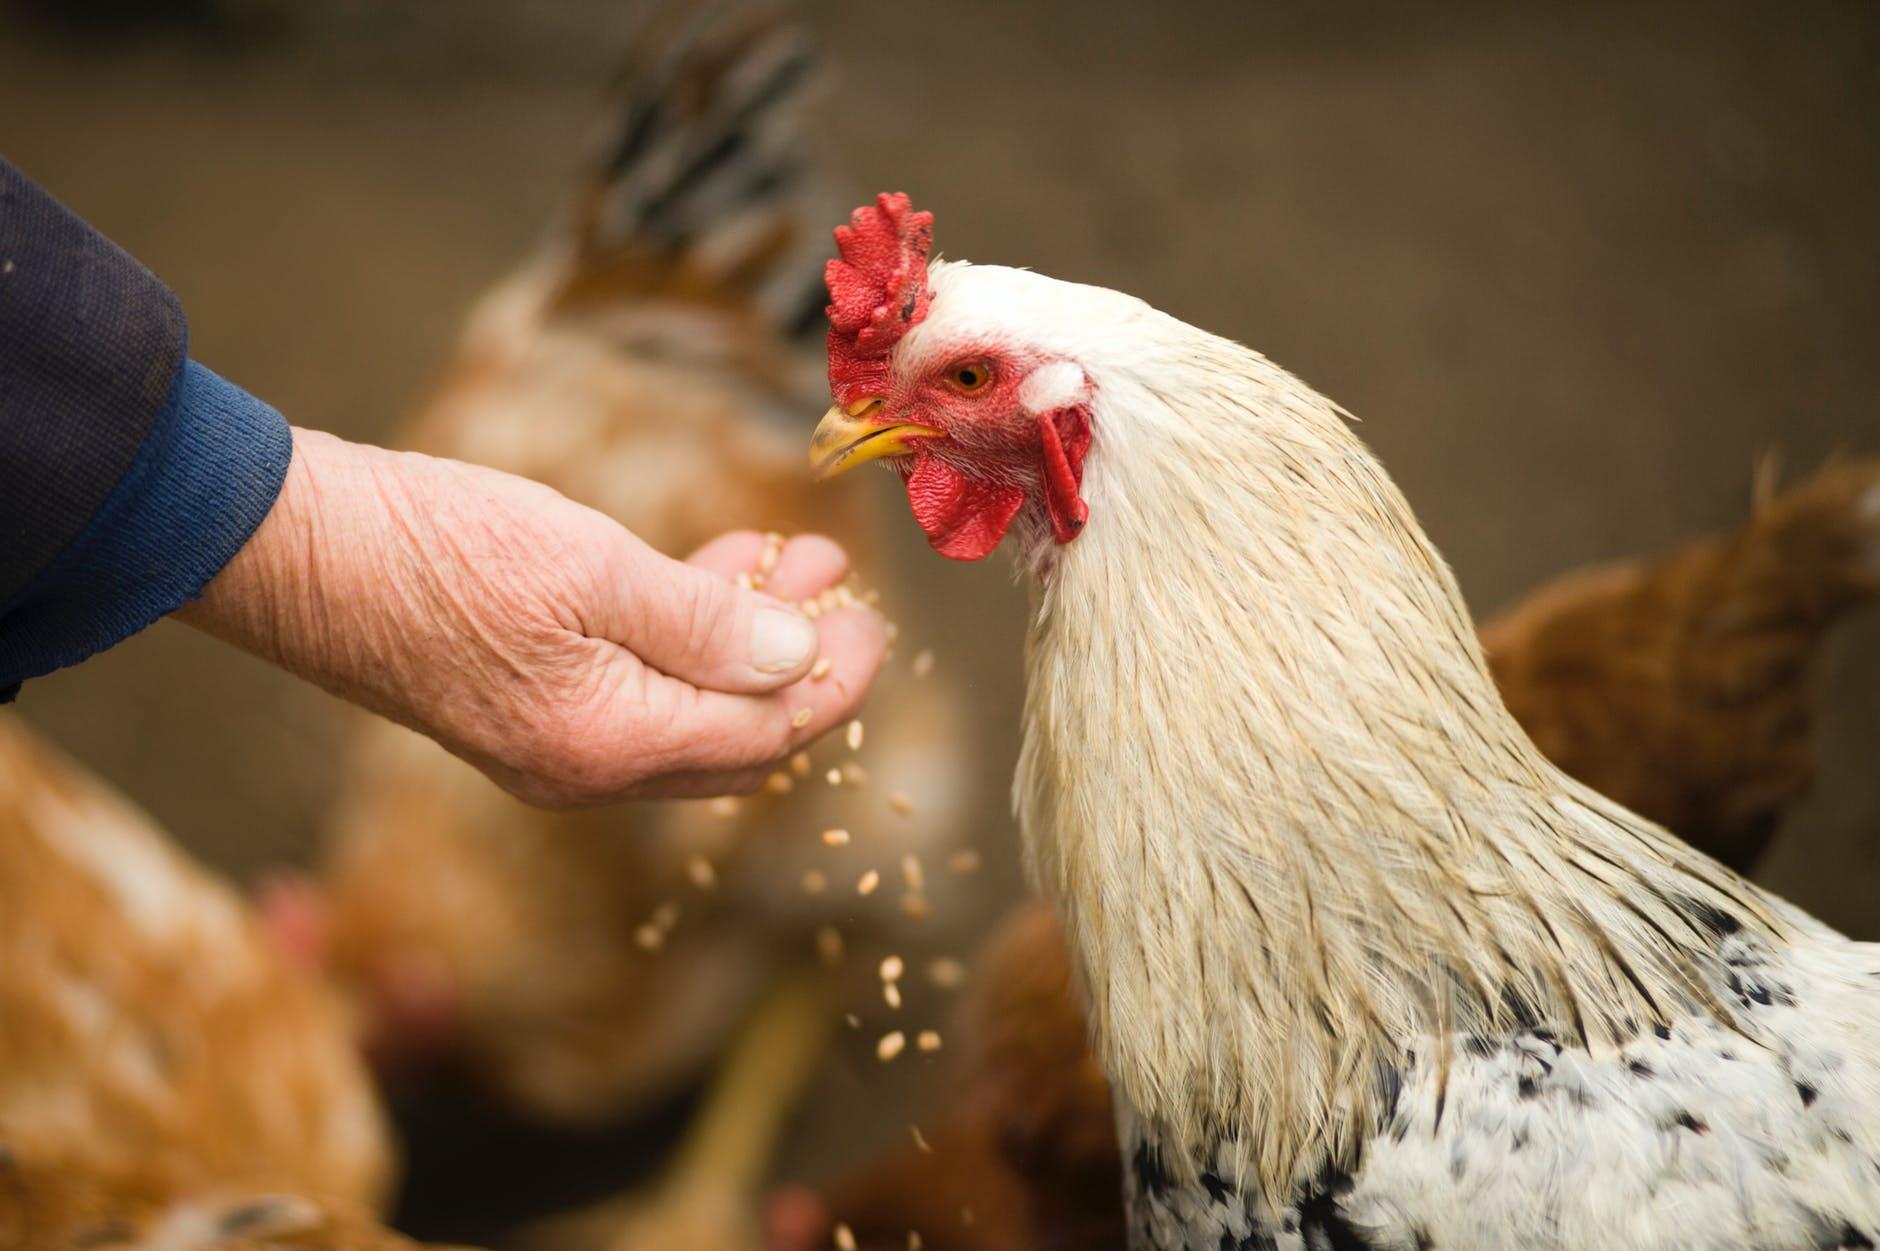 Água contaminada em granjas de postura - Como resolver